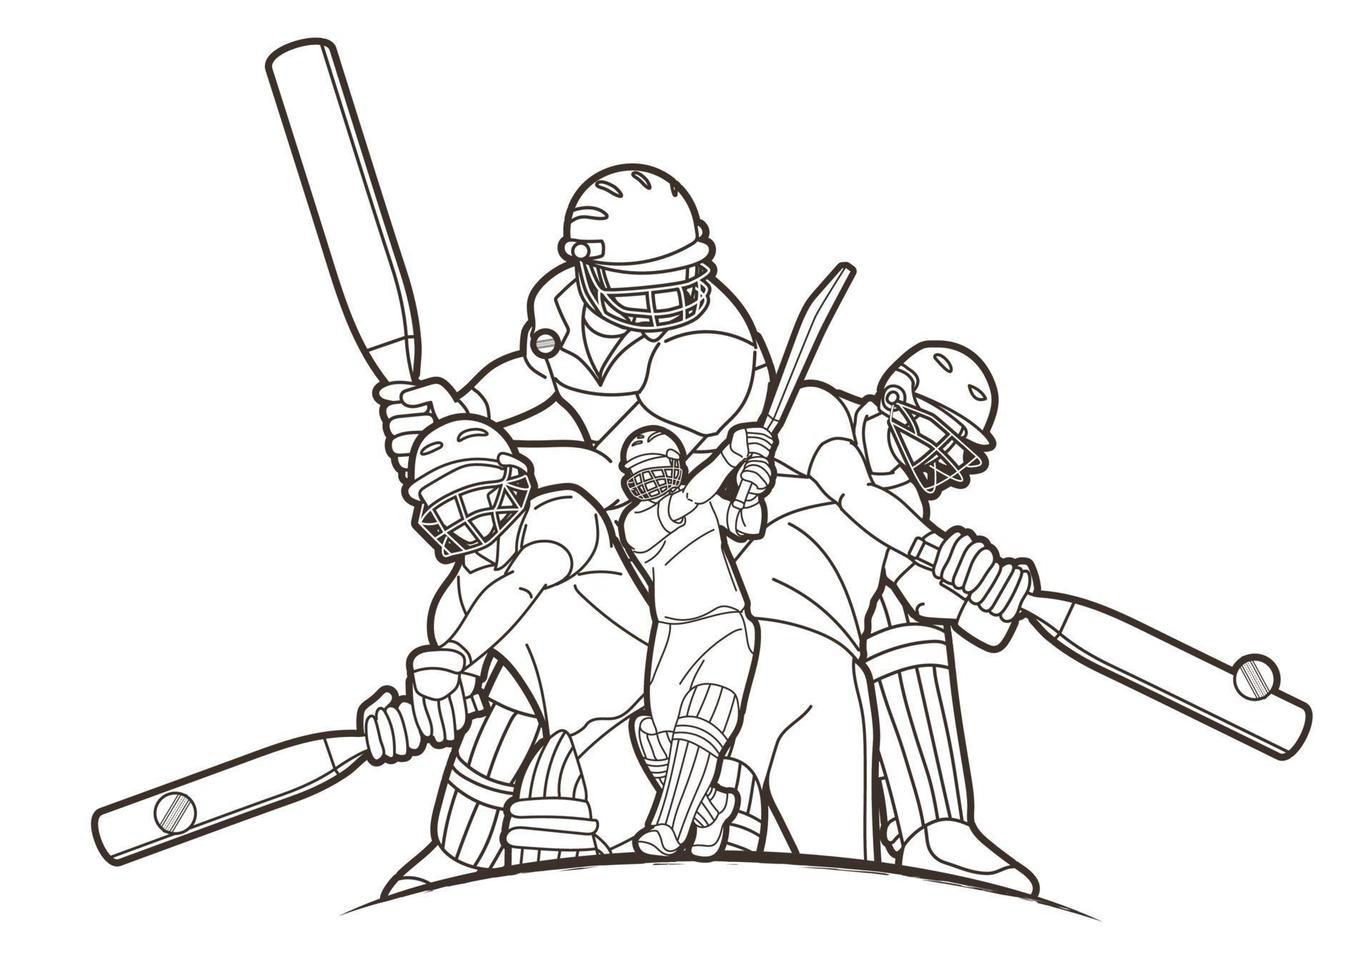 Cricket Spieler Action Gliederung vektor